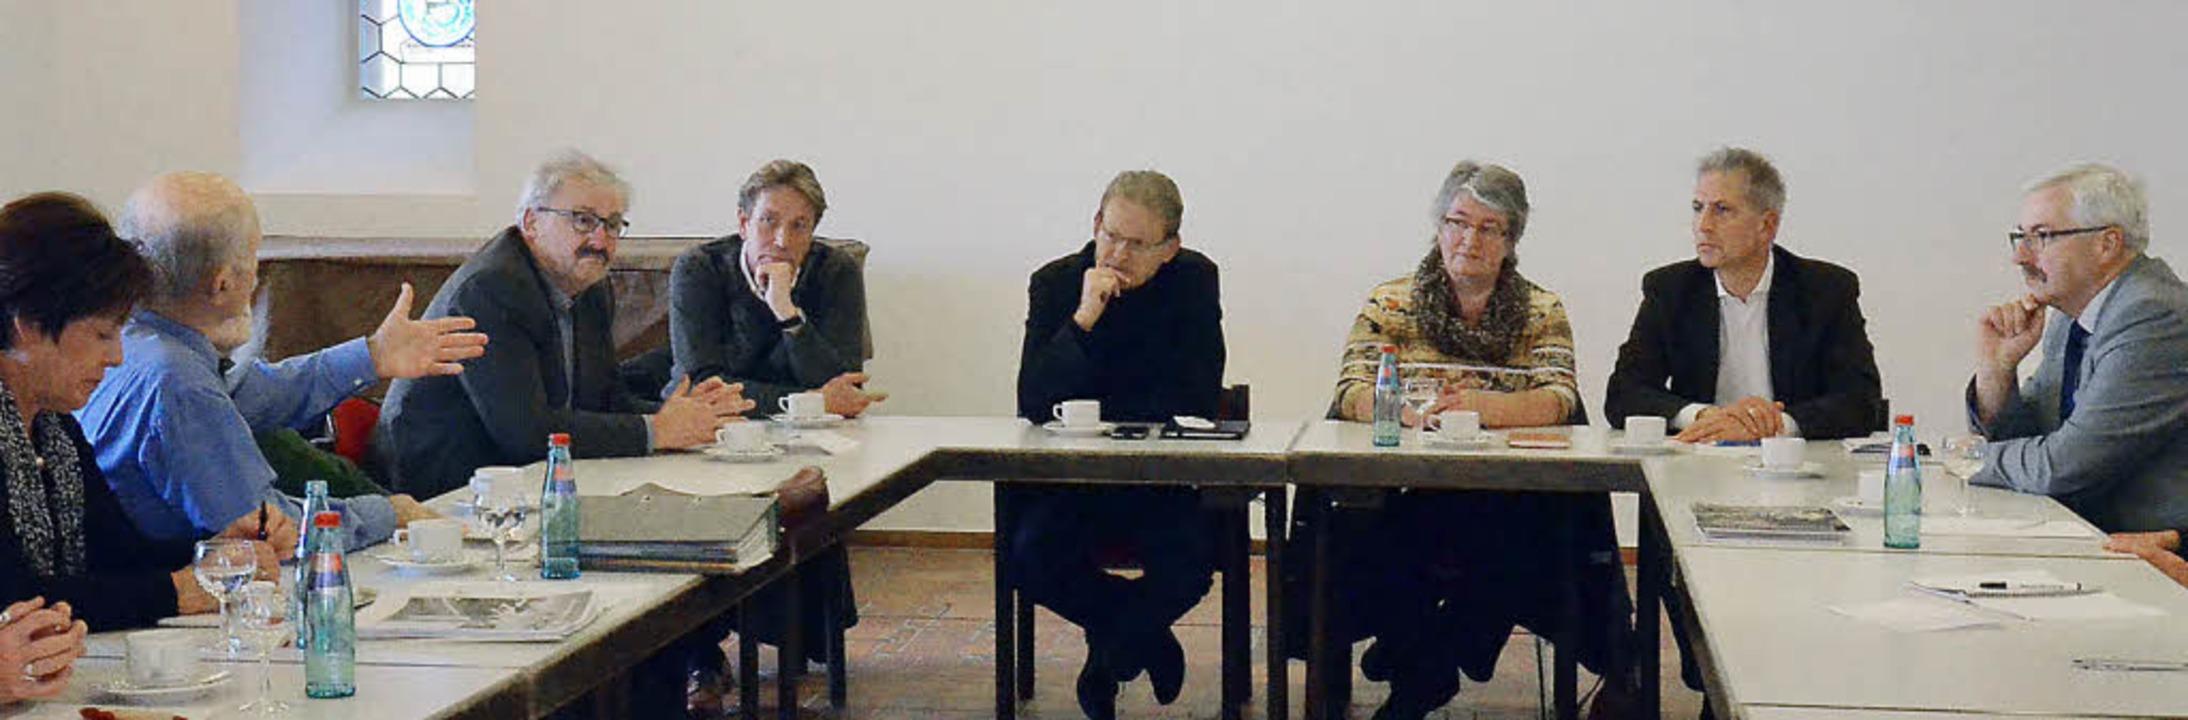 Thomas Dörflinger und Gabriele Schmidt... Leid und hoffen nun wieder auf Hilfe.  | Foto: Sebastian Barthmes